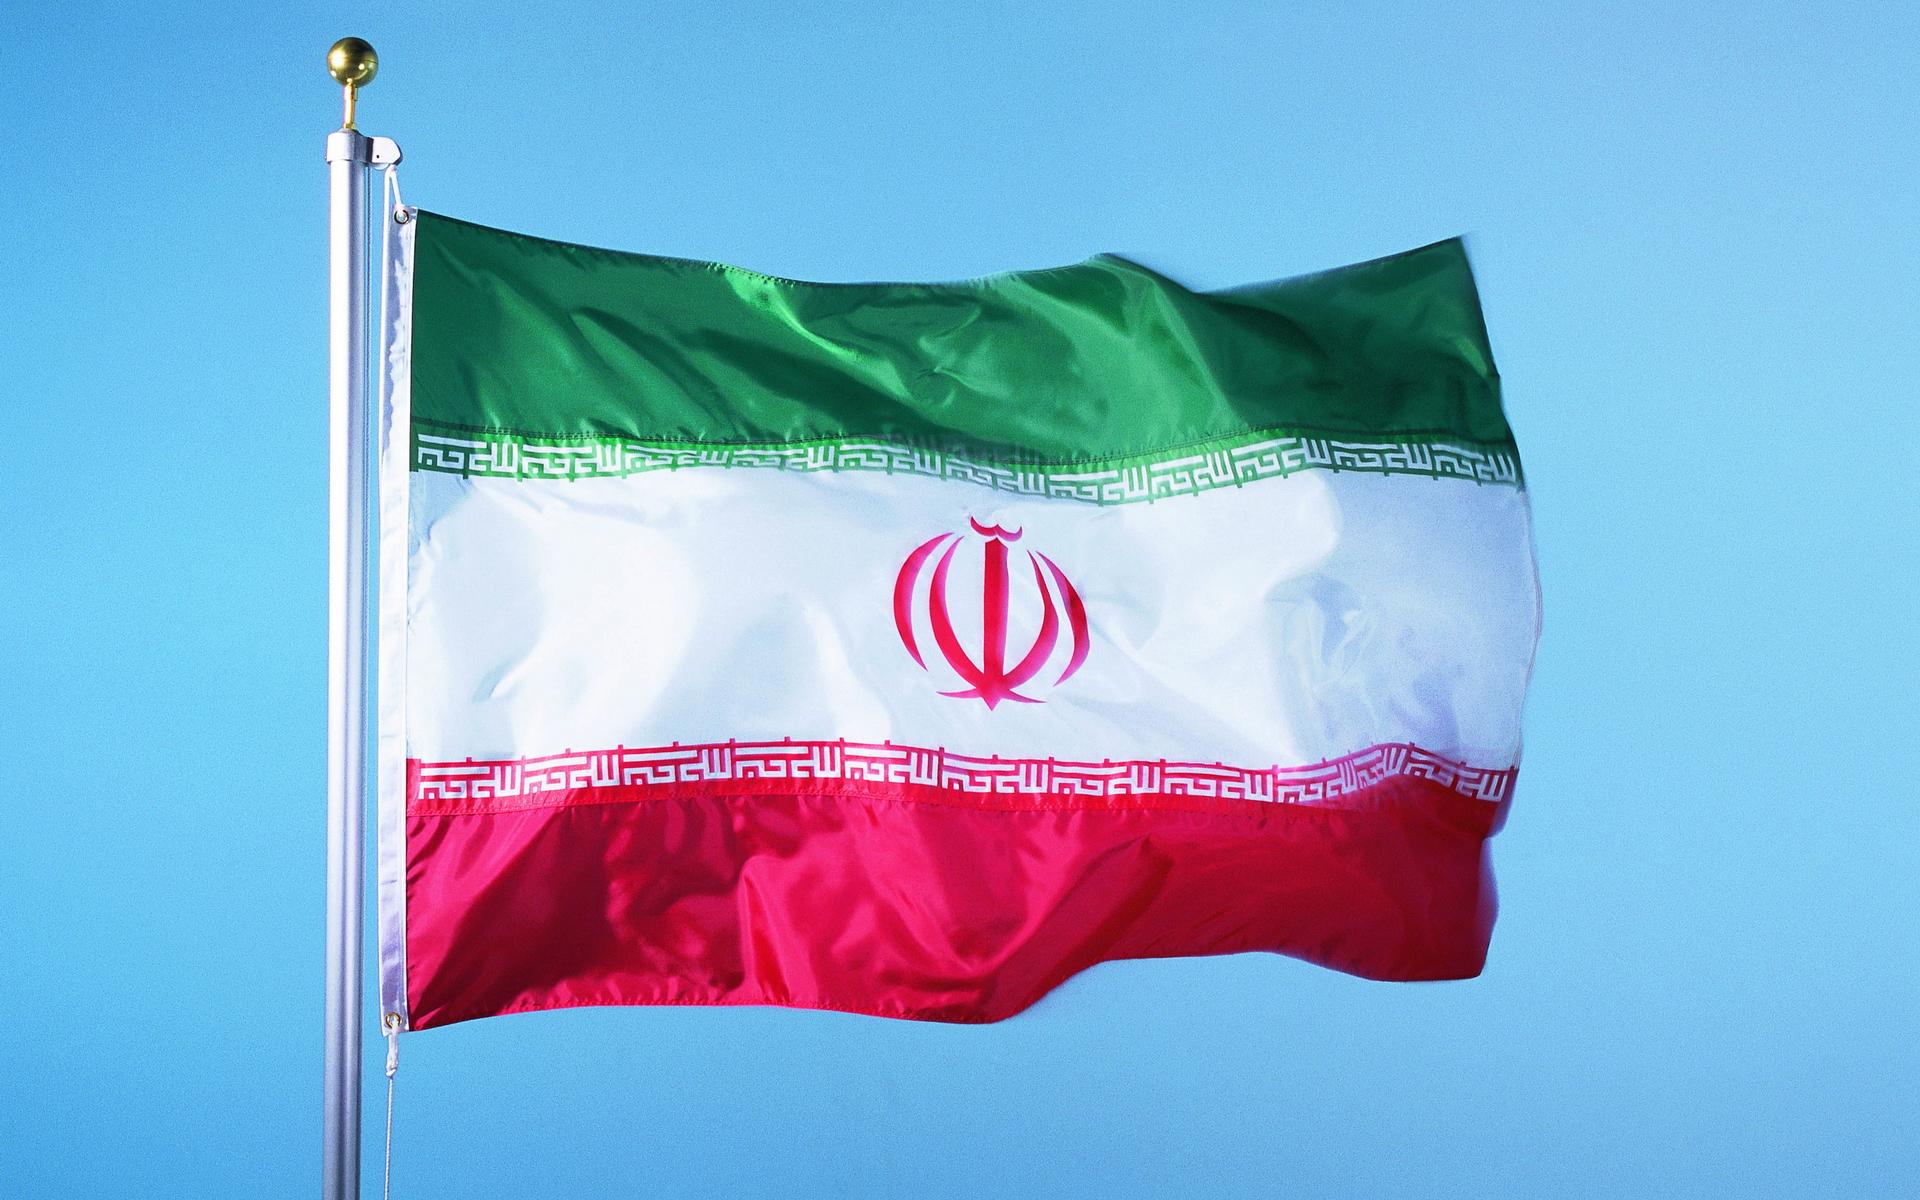 Иран присматривается к газовому рынку Евросоюза. Евросоюз глядит в ответ